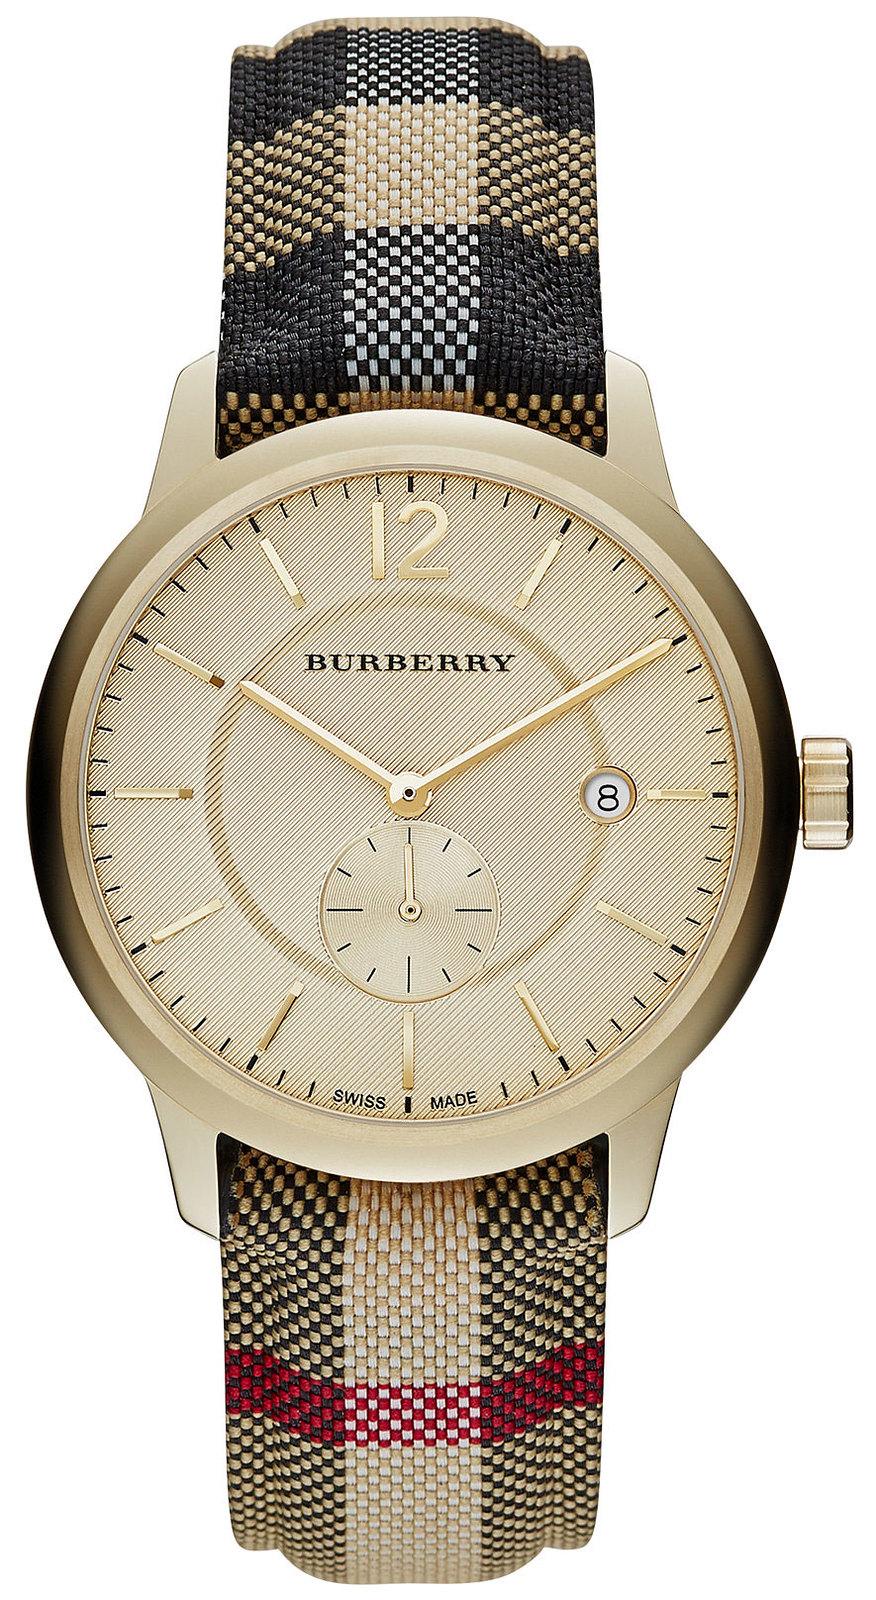 Đồng hồ Nam Burberry The Honey BU1001 mạ vàng PVD mới nhất 2017, đủ hộp sổ, mới 100%